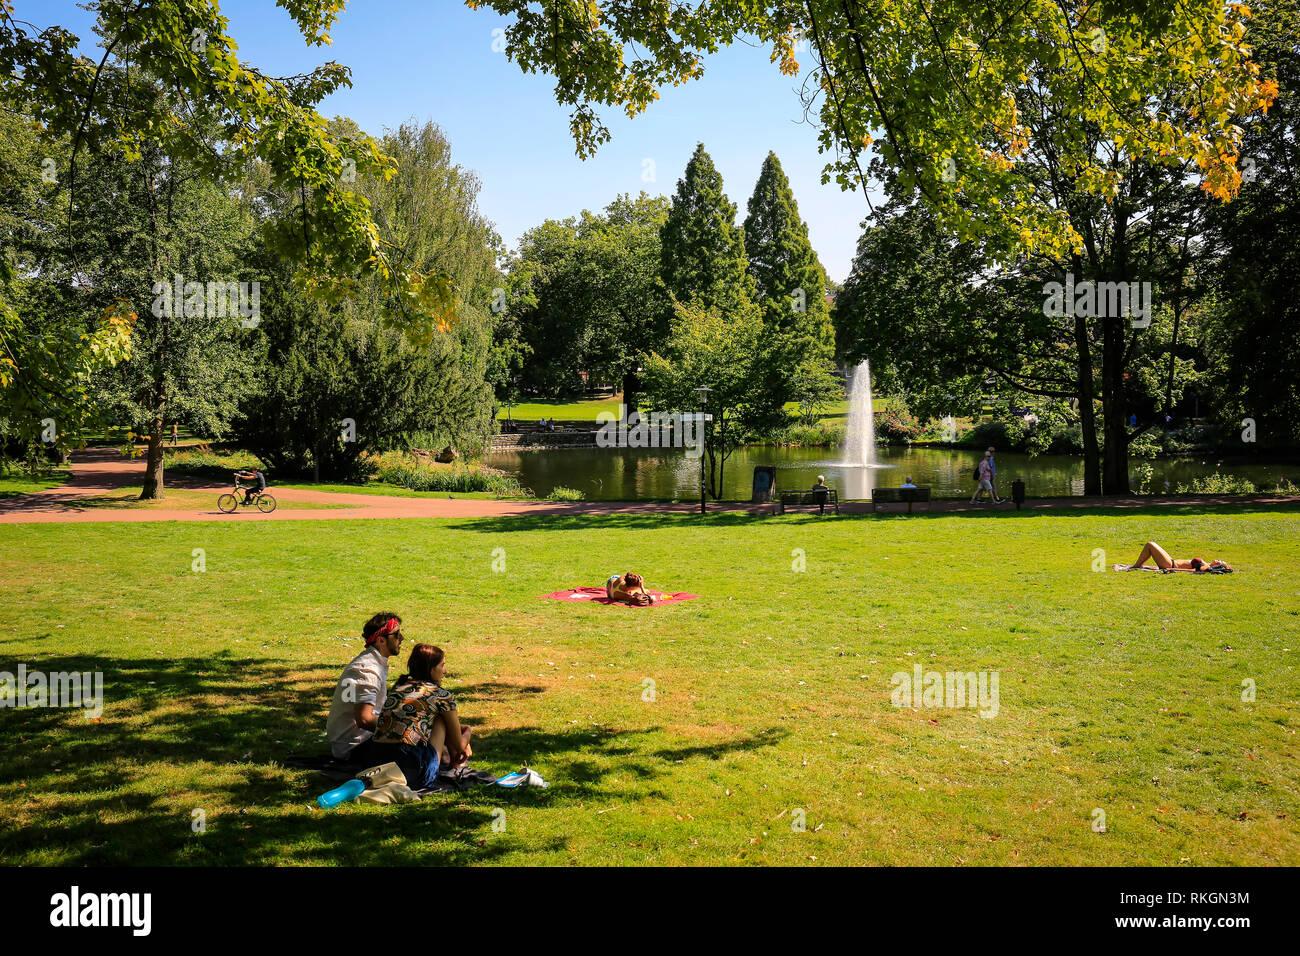 Stadtgarten Photos & Stadtgarten Images - Page 5 - Alamy